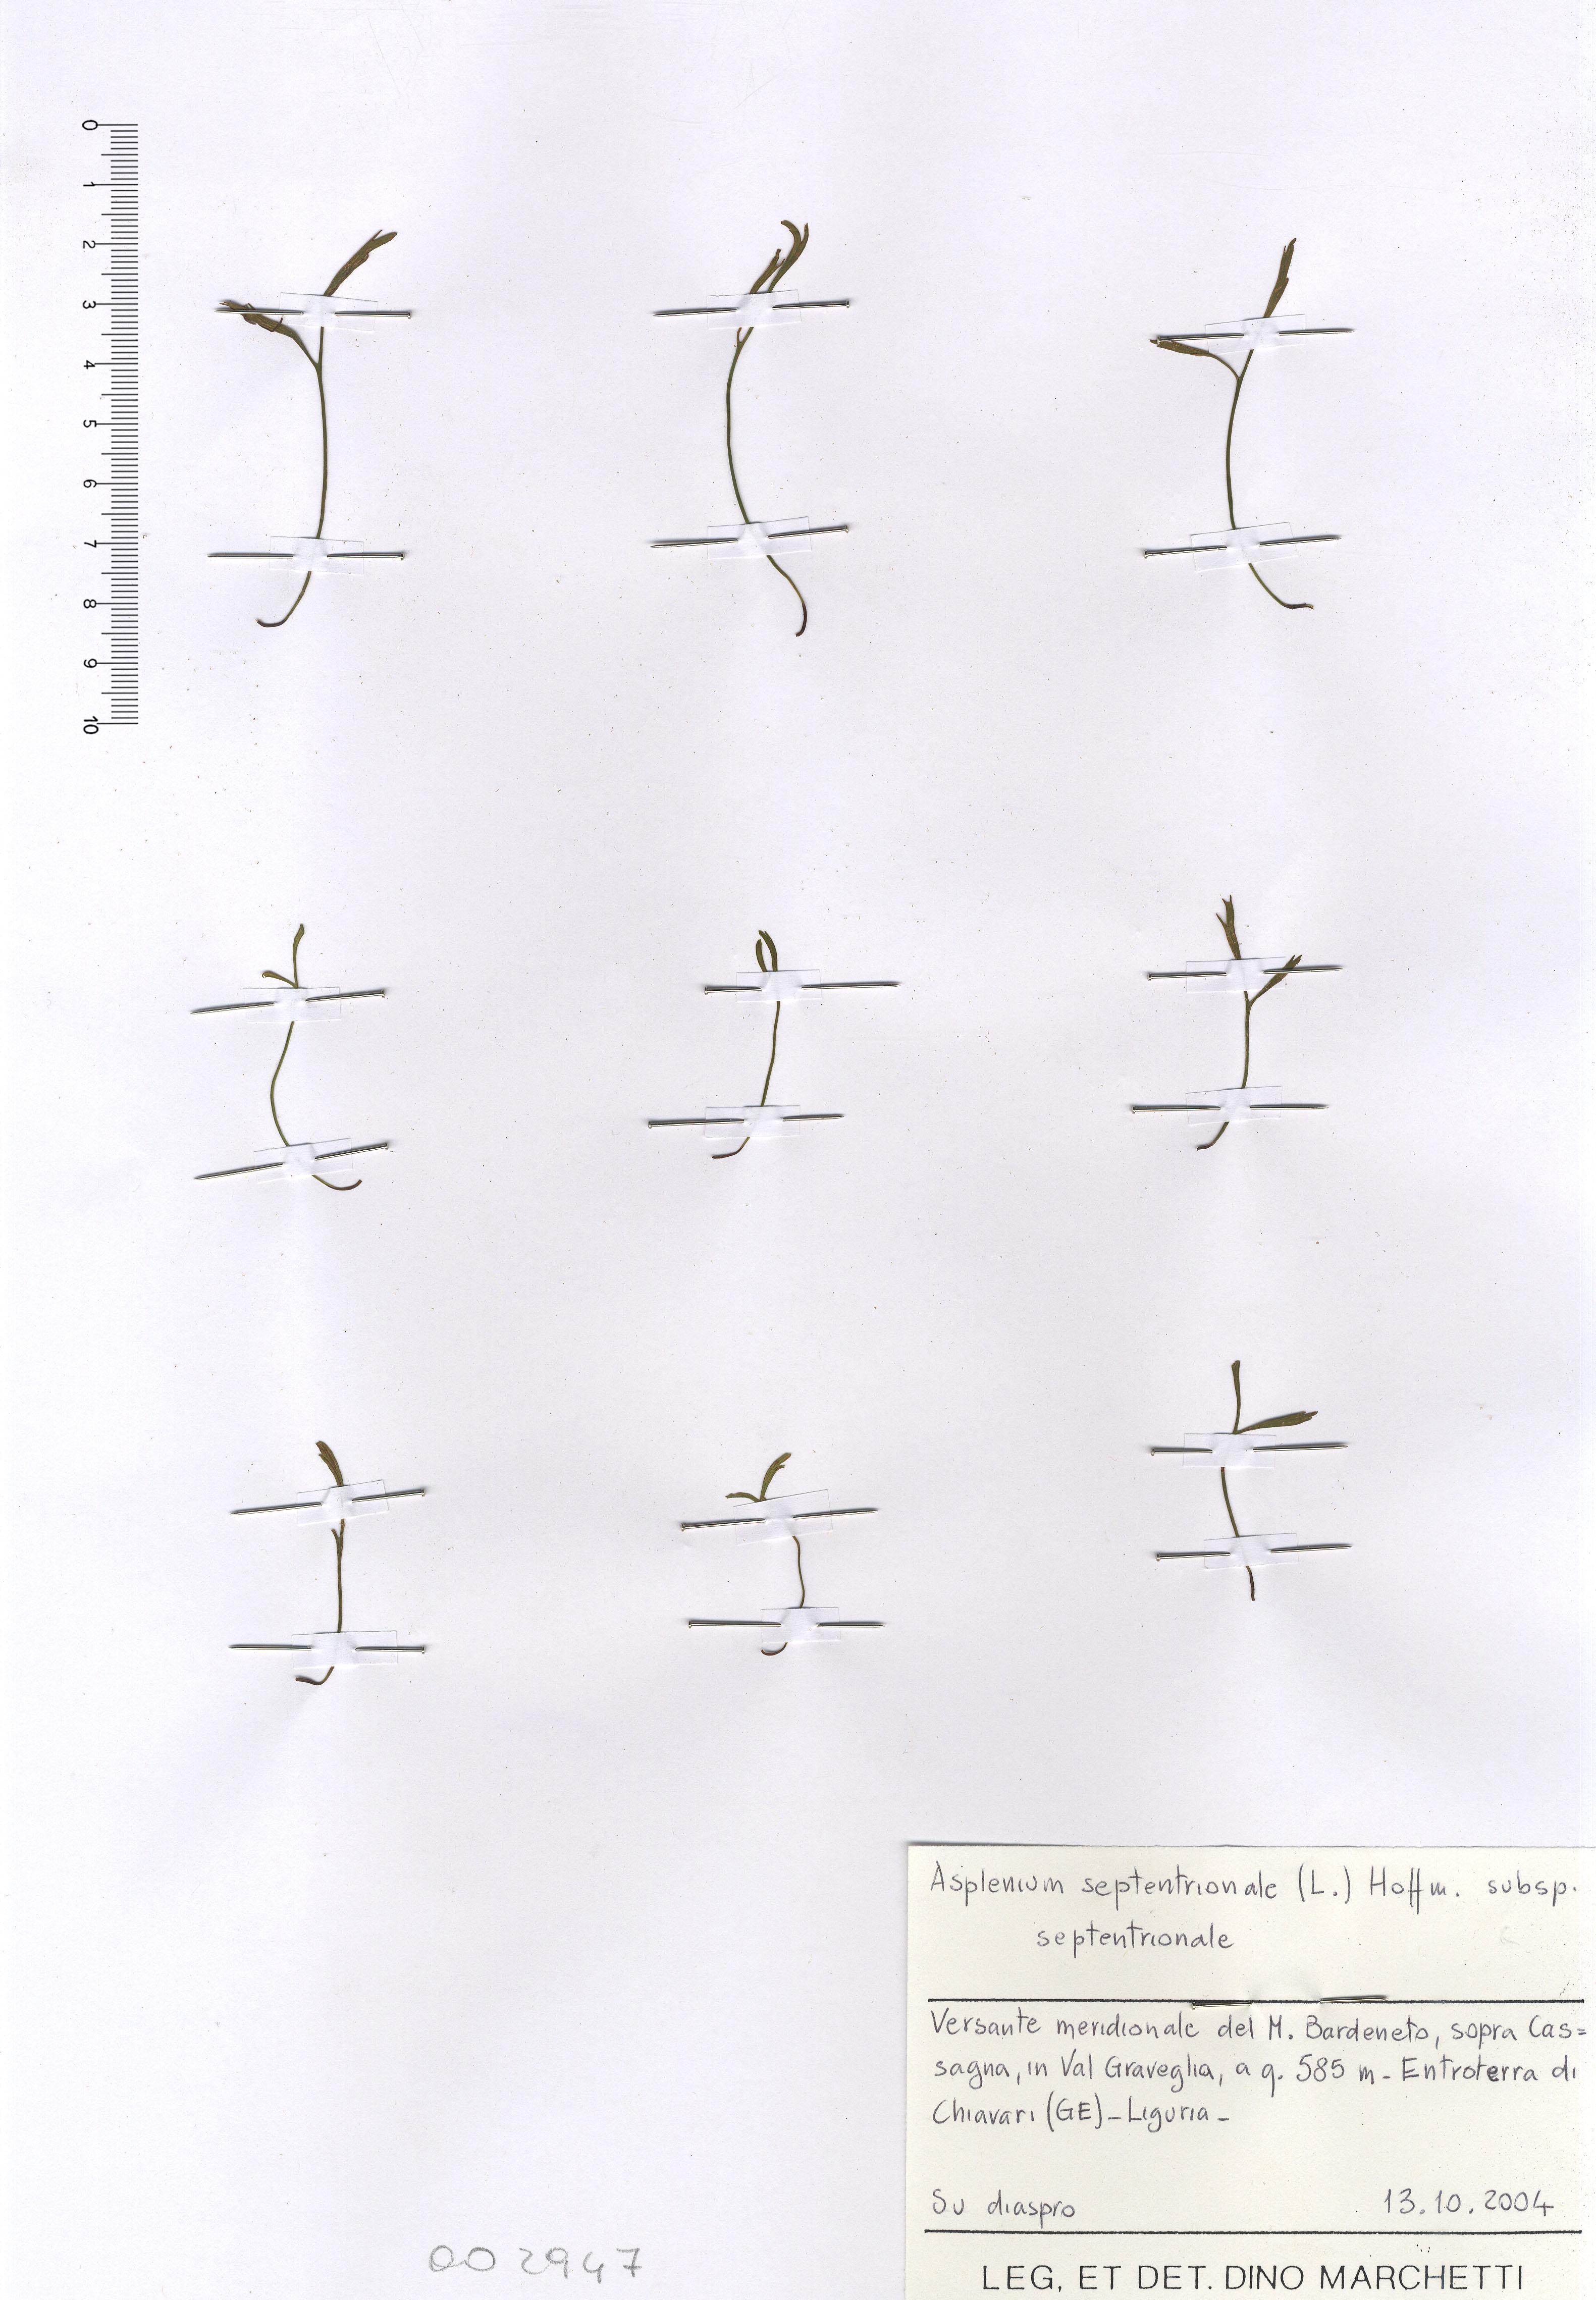 © Hortus Botanicus Catinensis - Herb. sheet 002947<br>